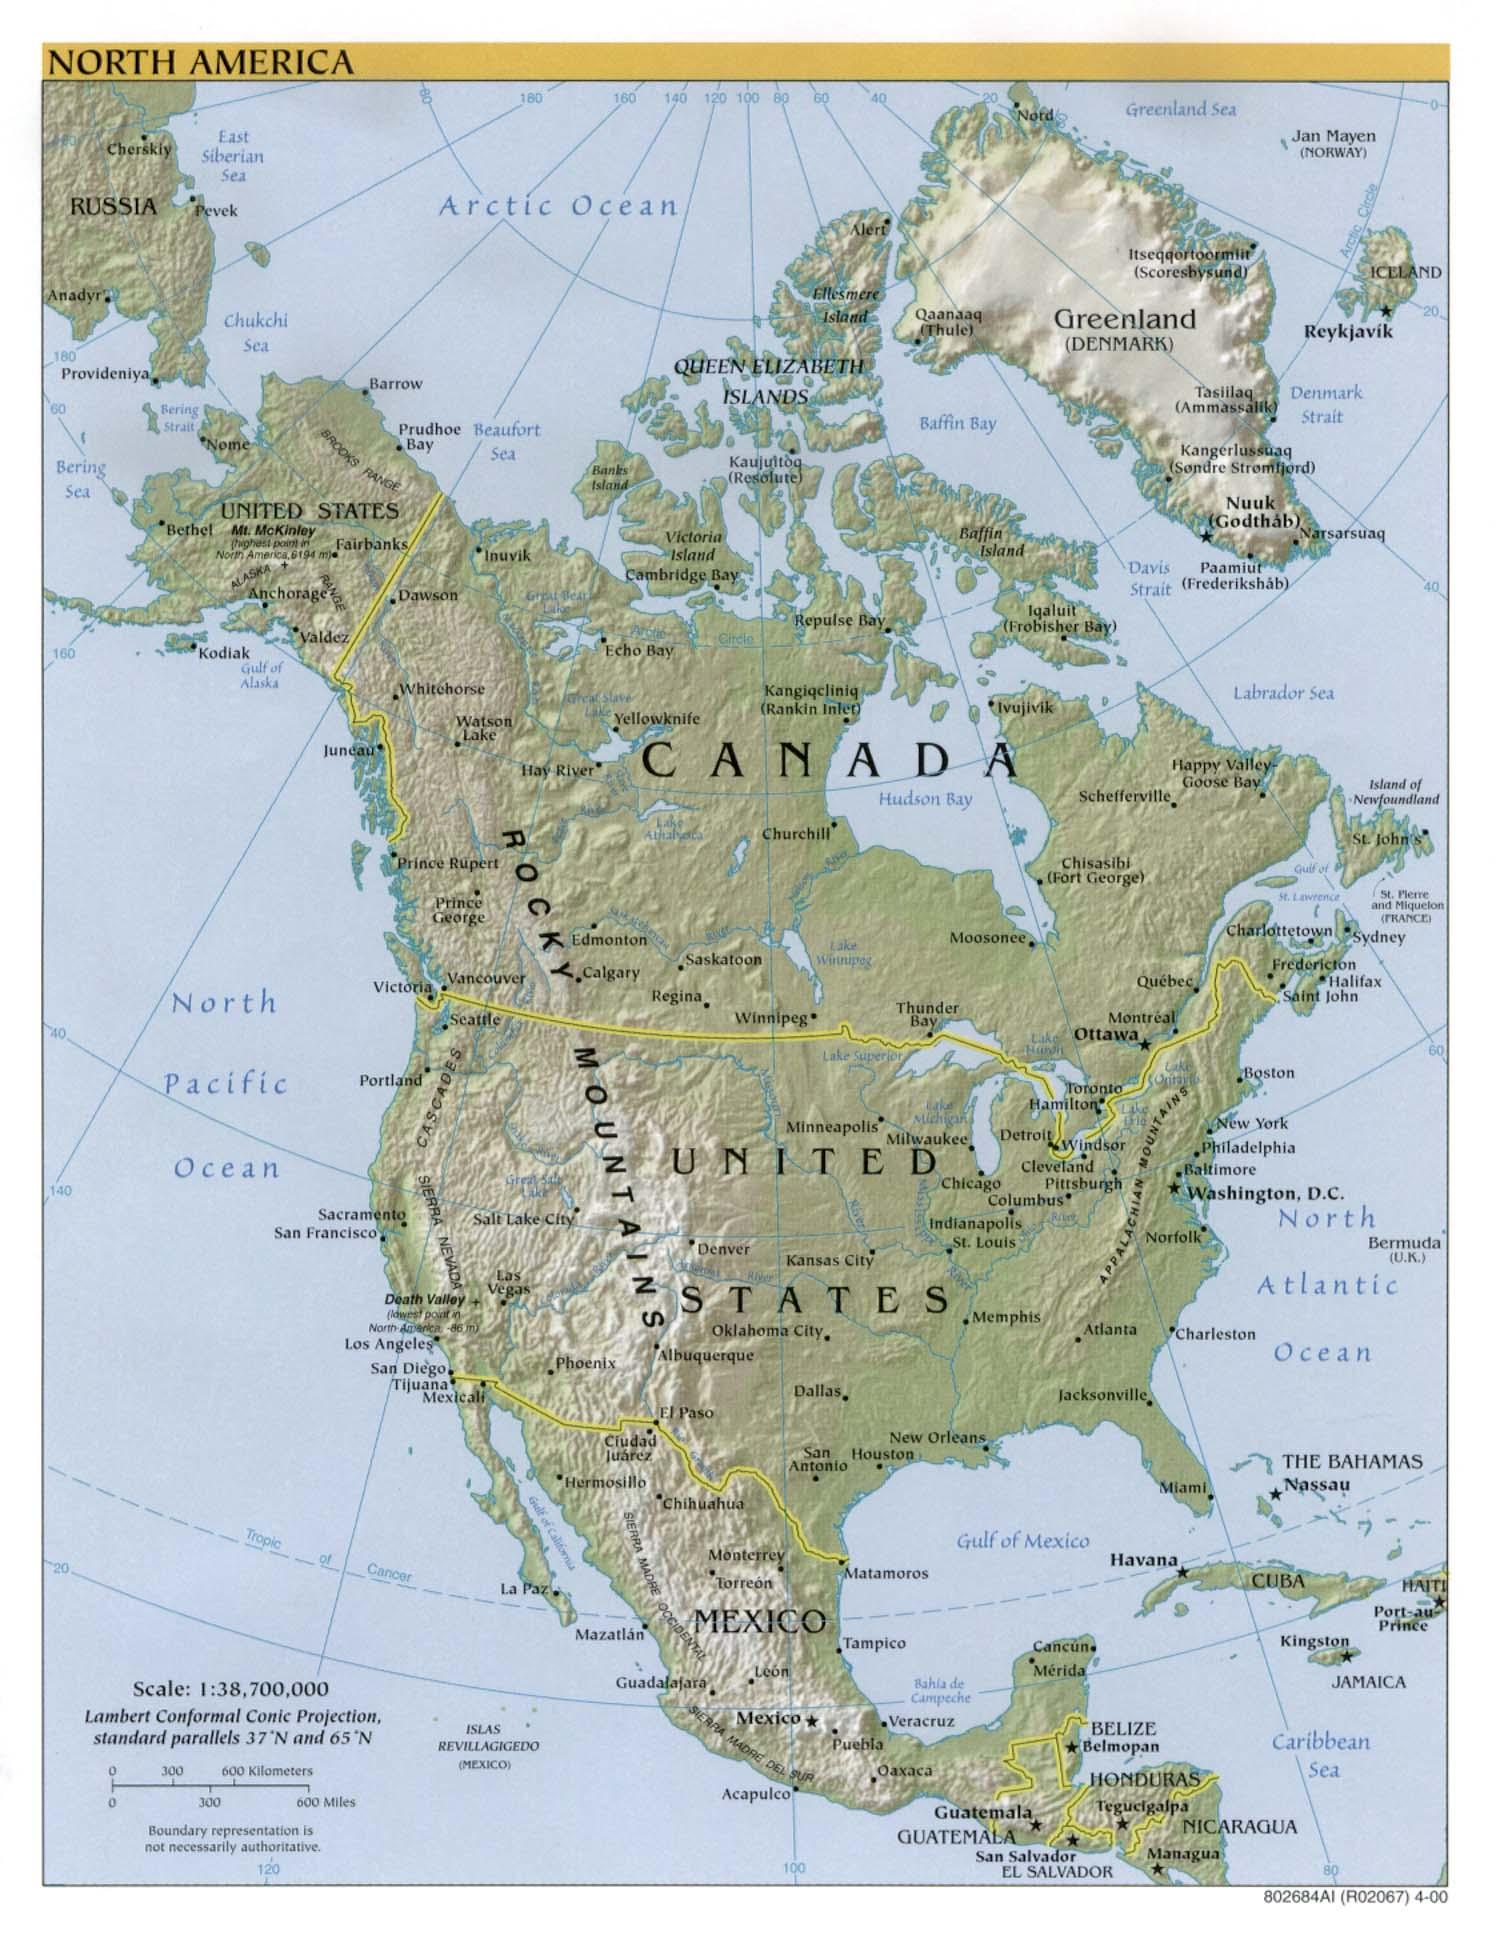 Mapa Físico de América del Norte 2000